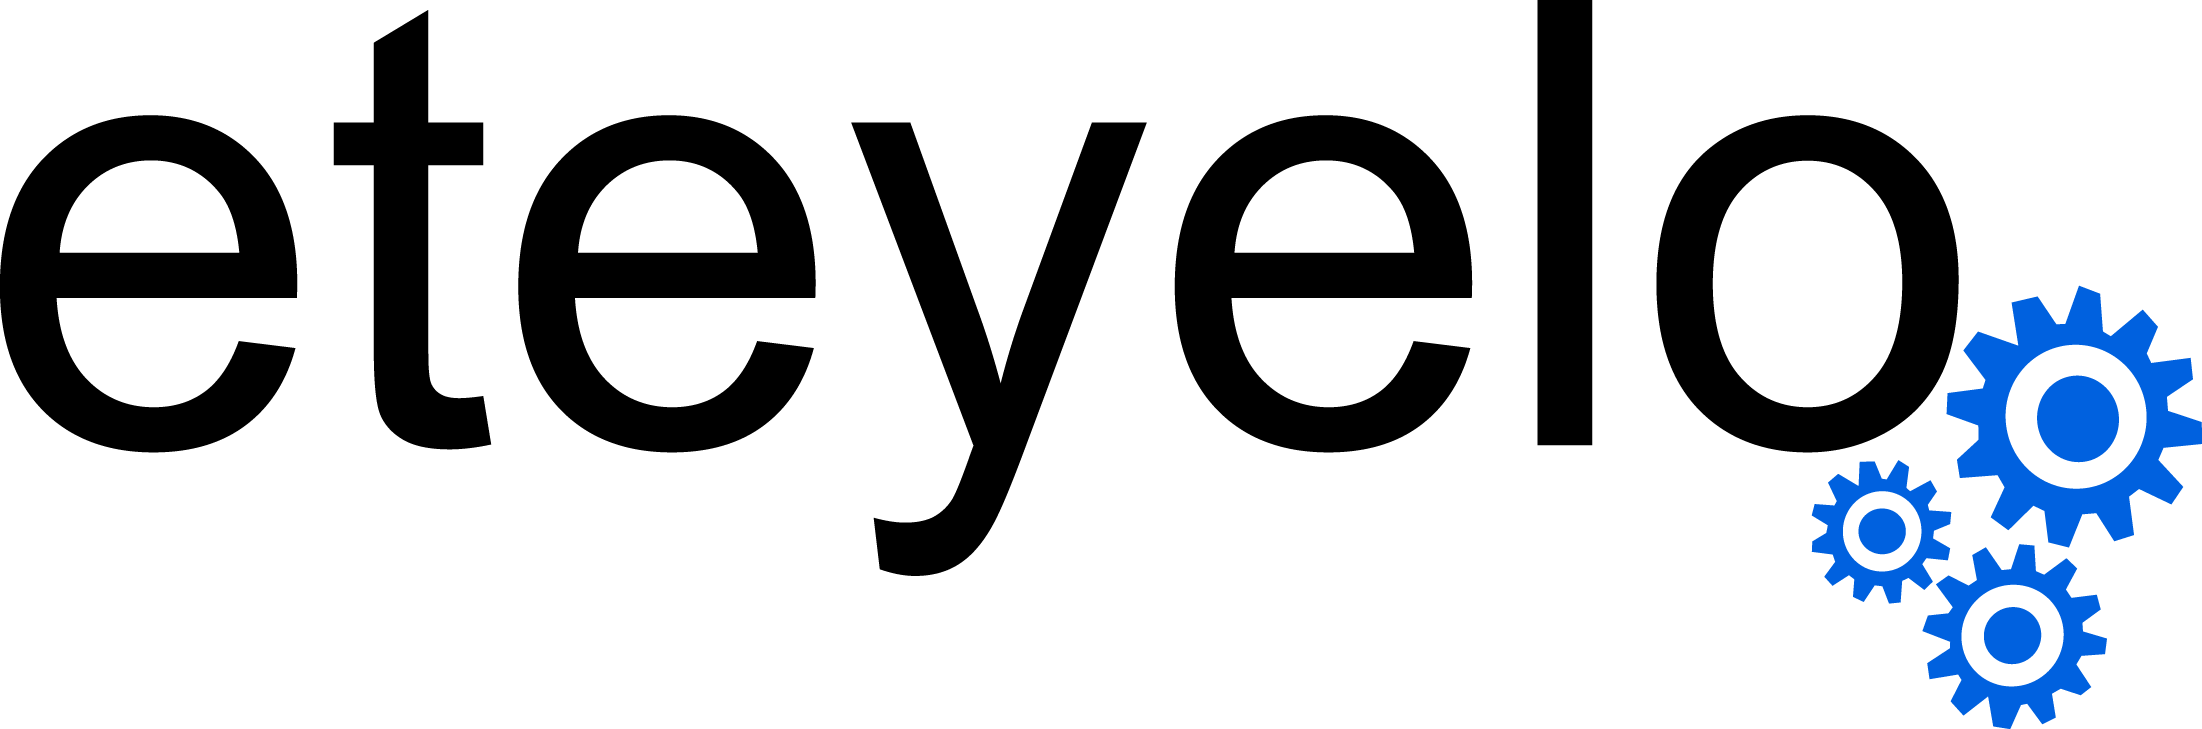 eteyelo